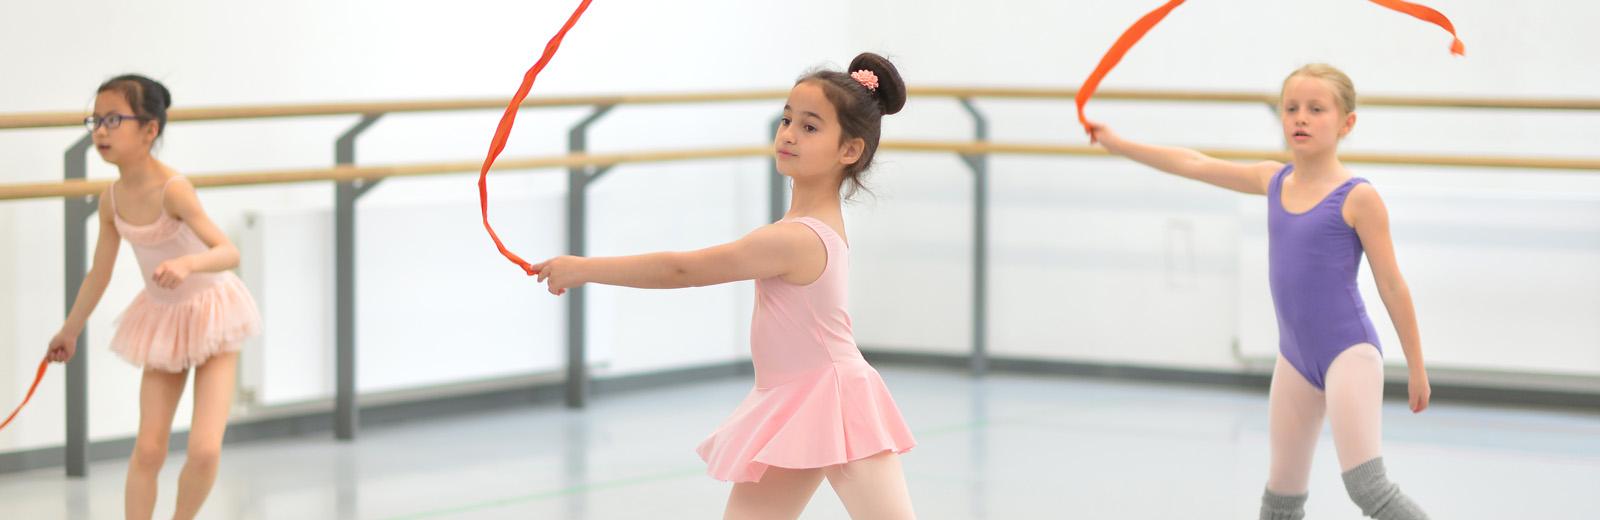 Junior Dance Online Summer School Image